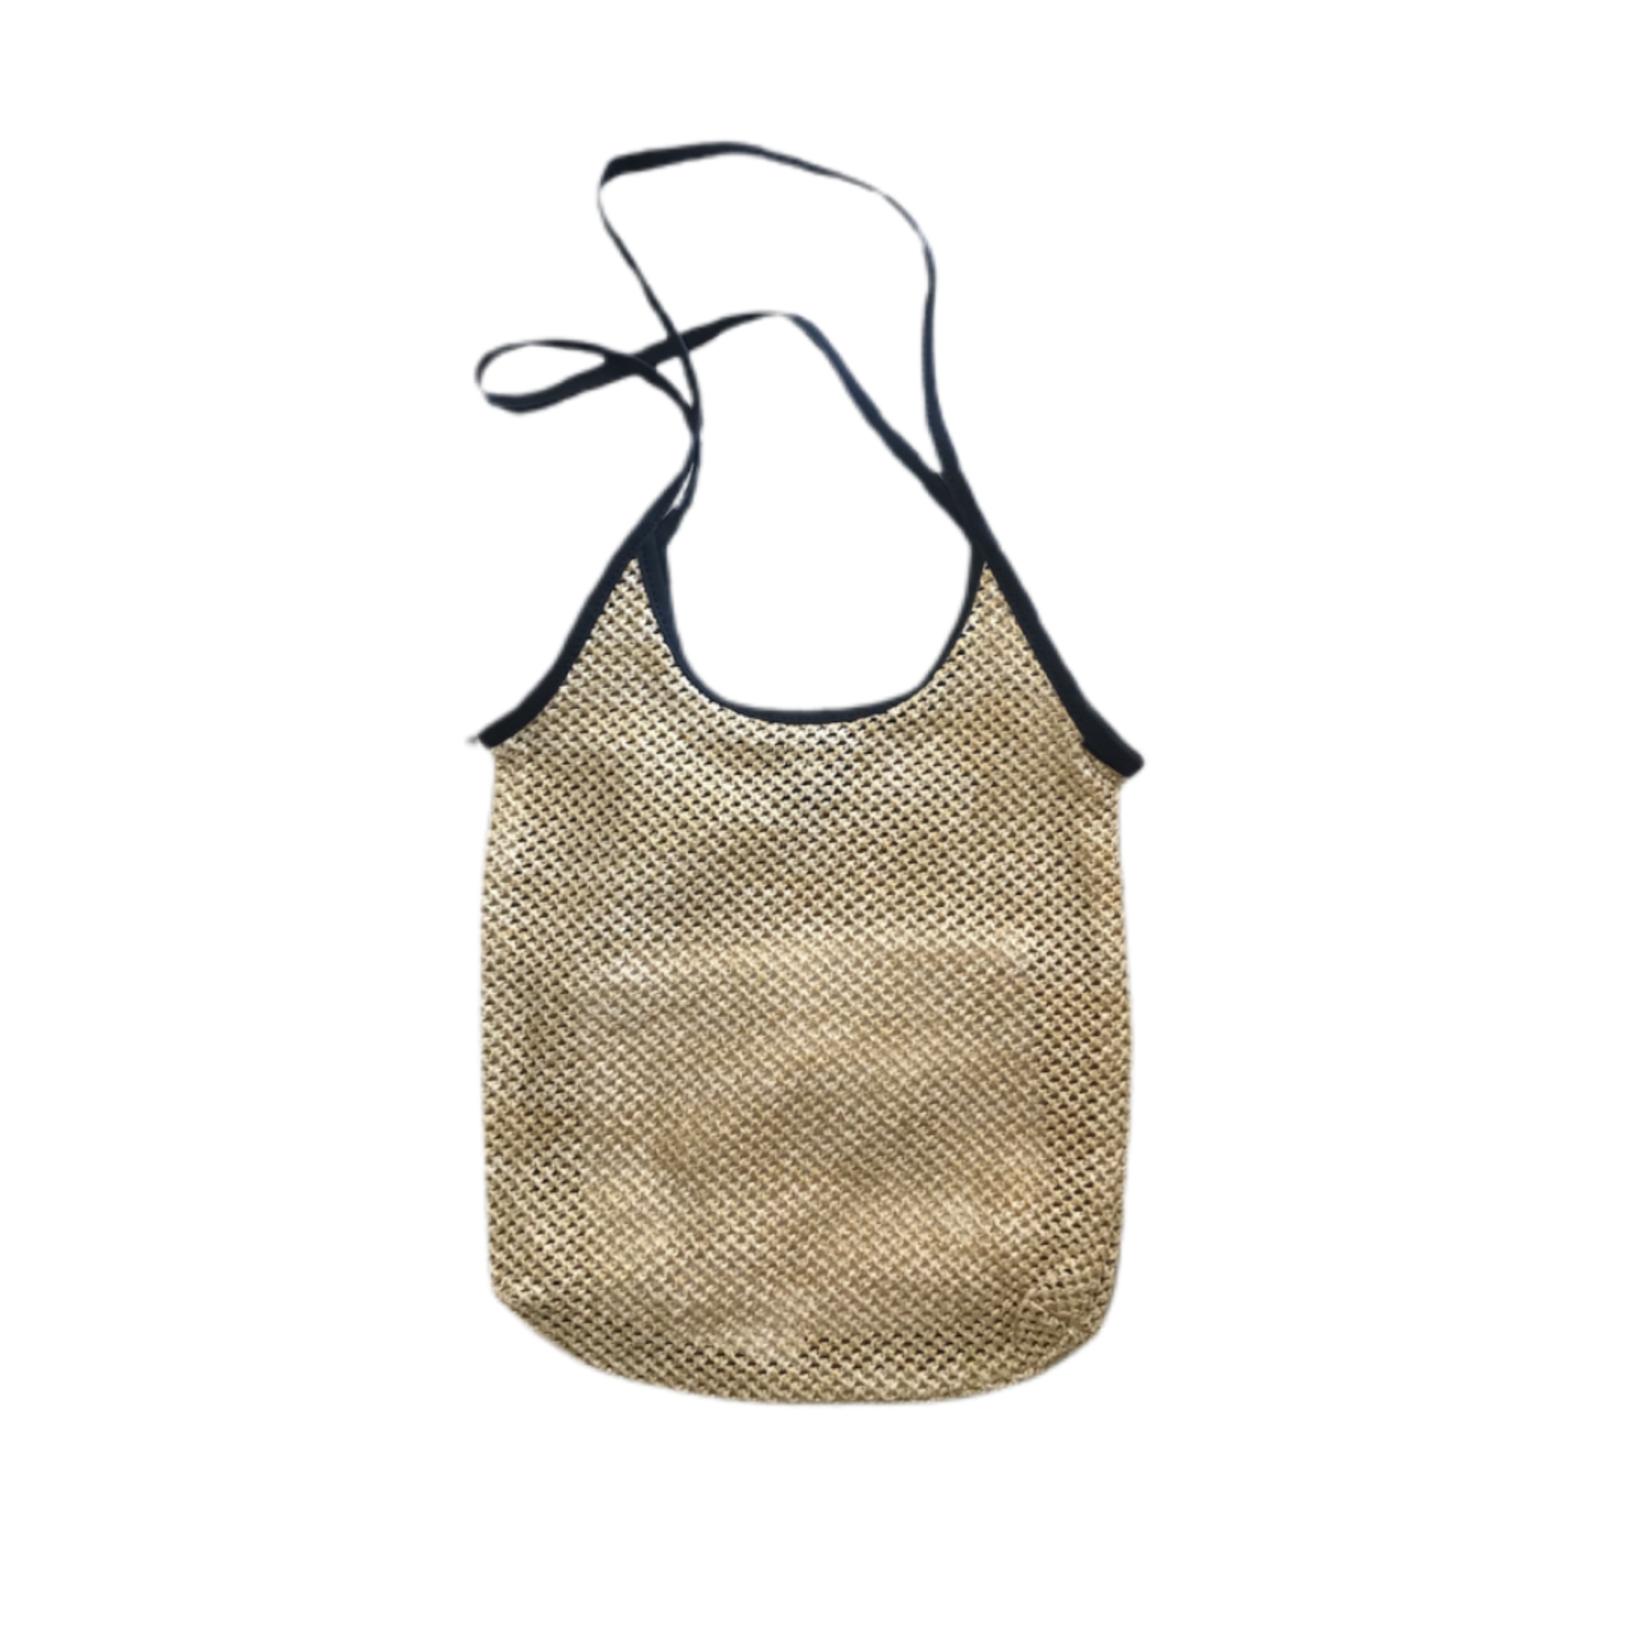 Wyld Blue Woven Shoulder Bag - Black Trim